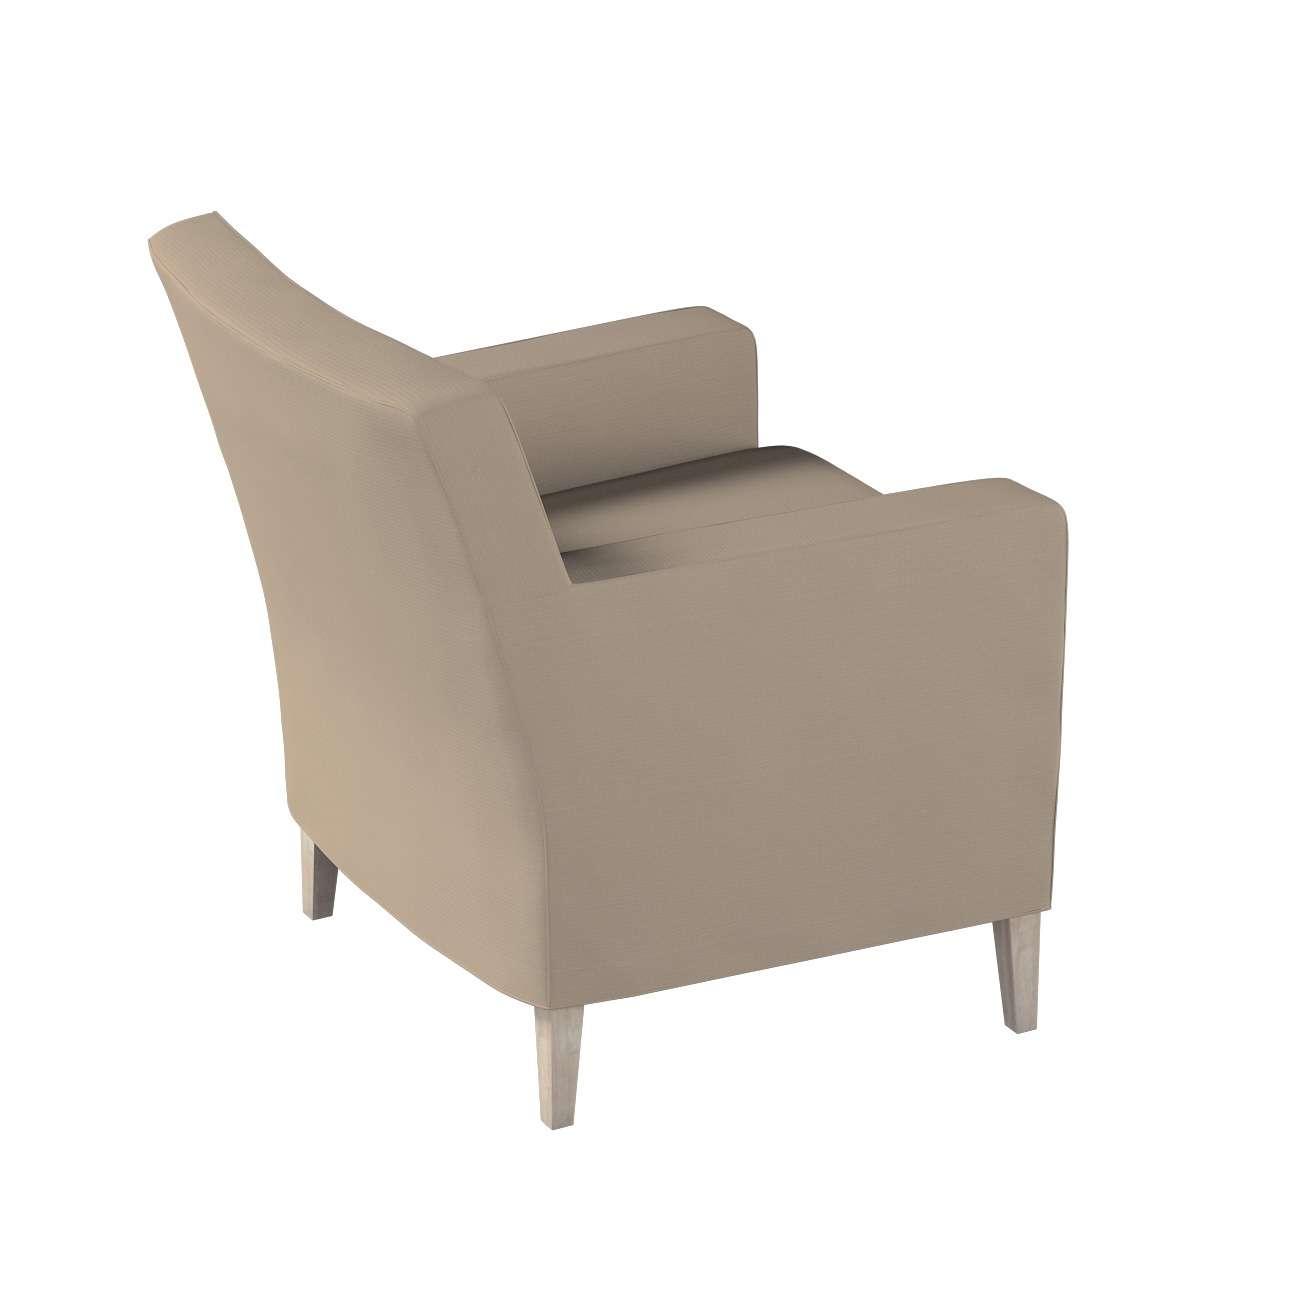 Pokrowiec na fotel Karlstad w kolekcji Cotton Panama, tkanina: 702-28